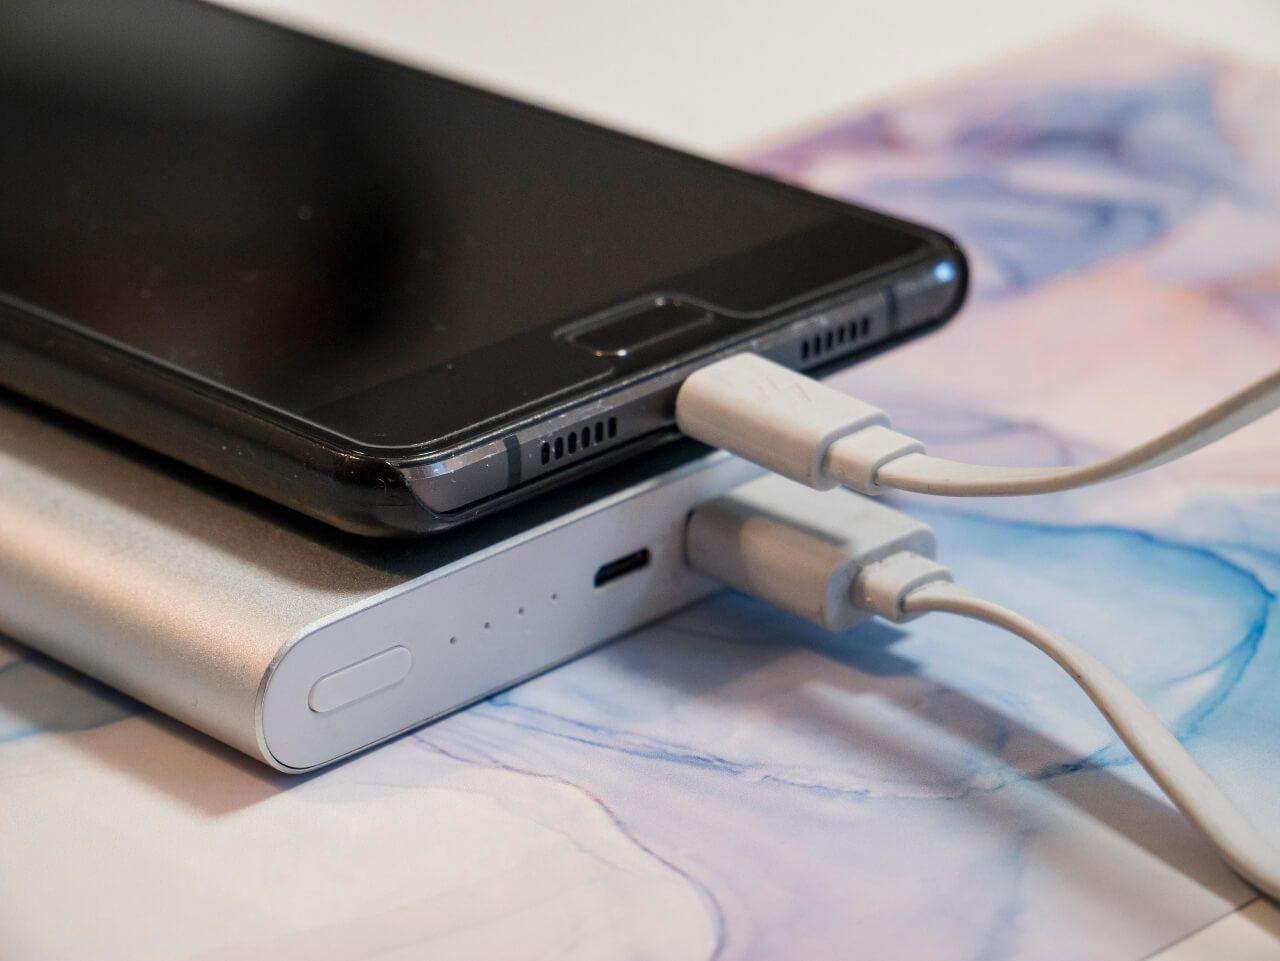 Powerbank podczas ładowania telefonu - pomysł na prezent dla podróżnika